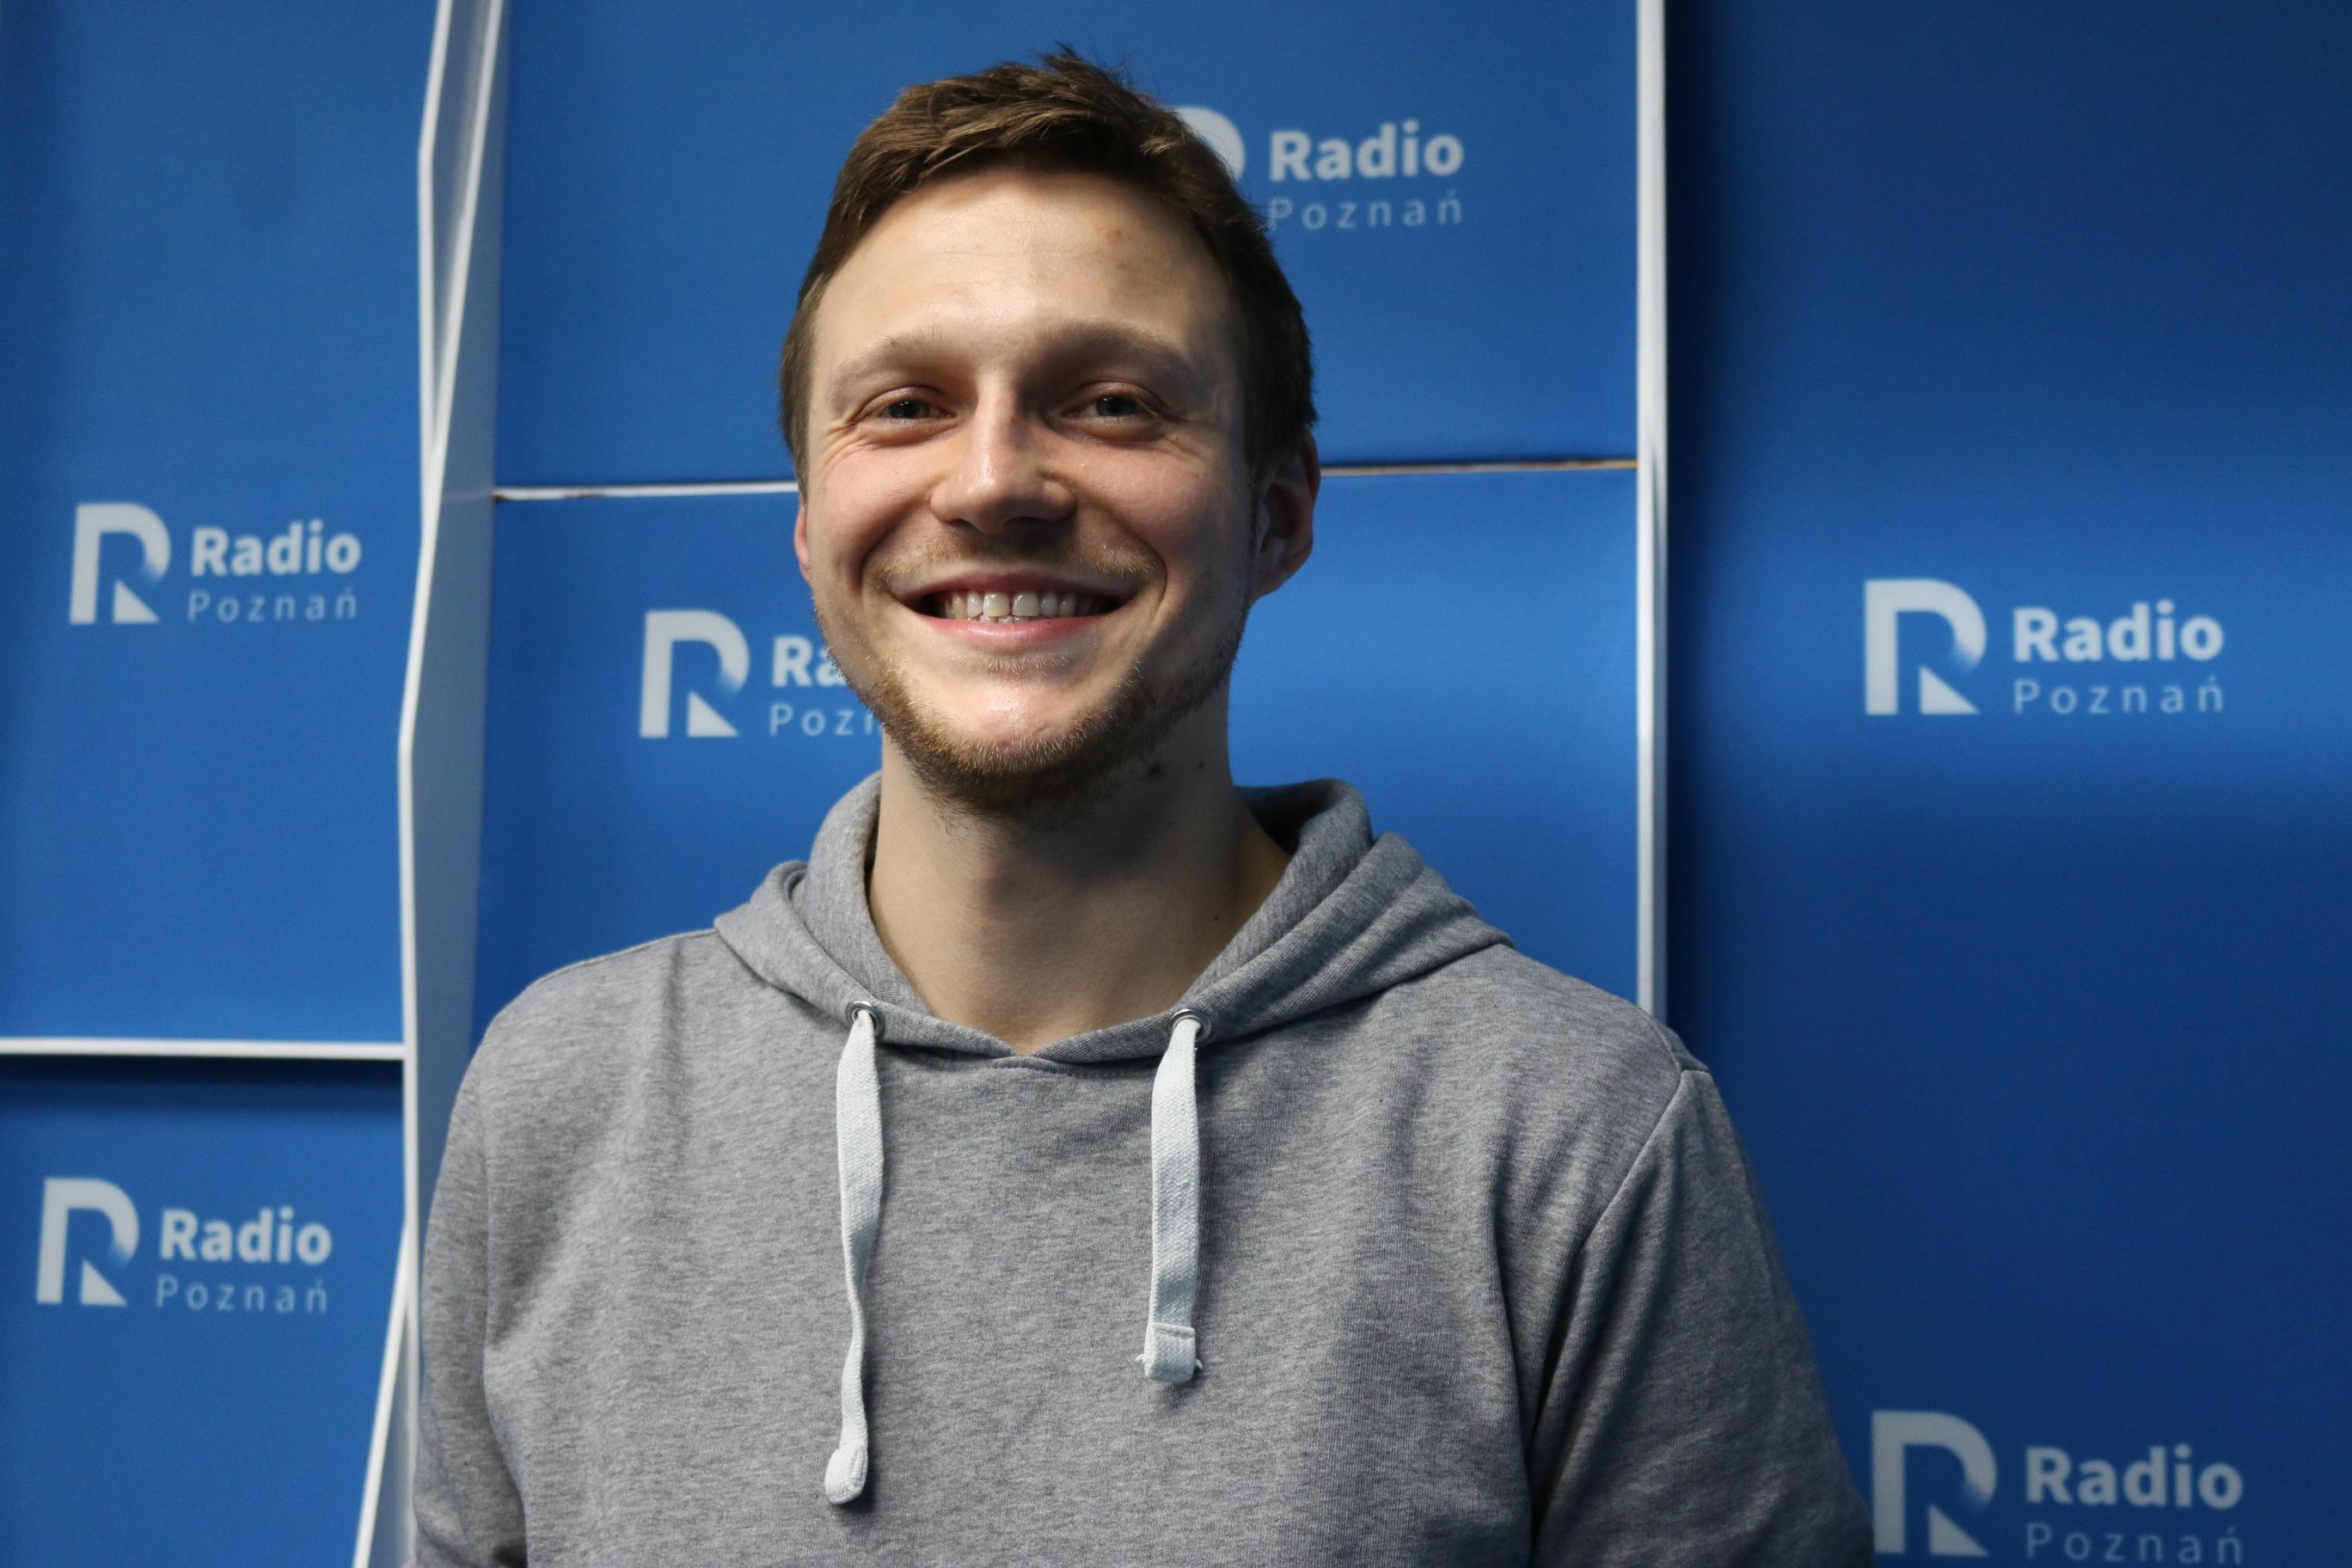 Łukasz Gajdek - Radio Poznań